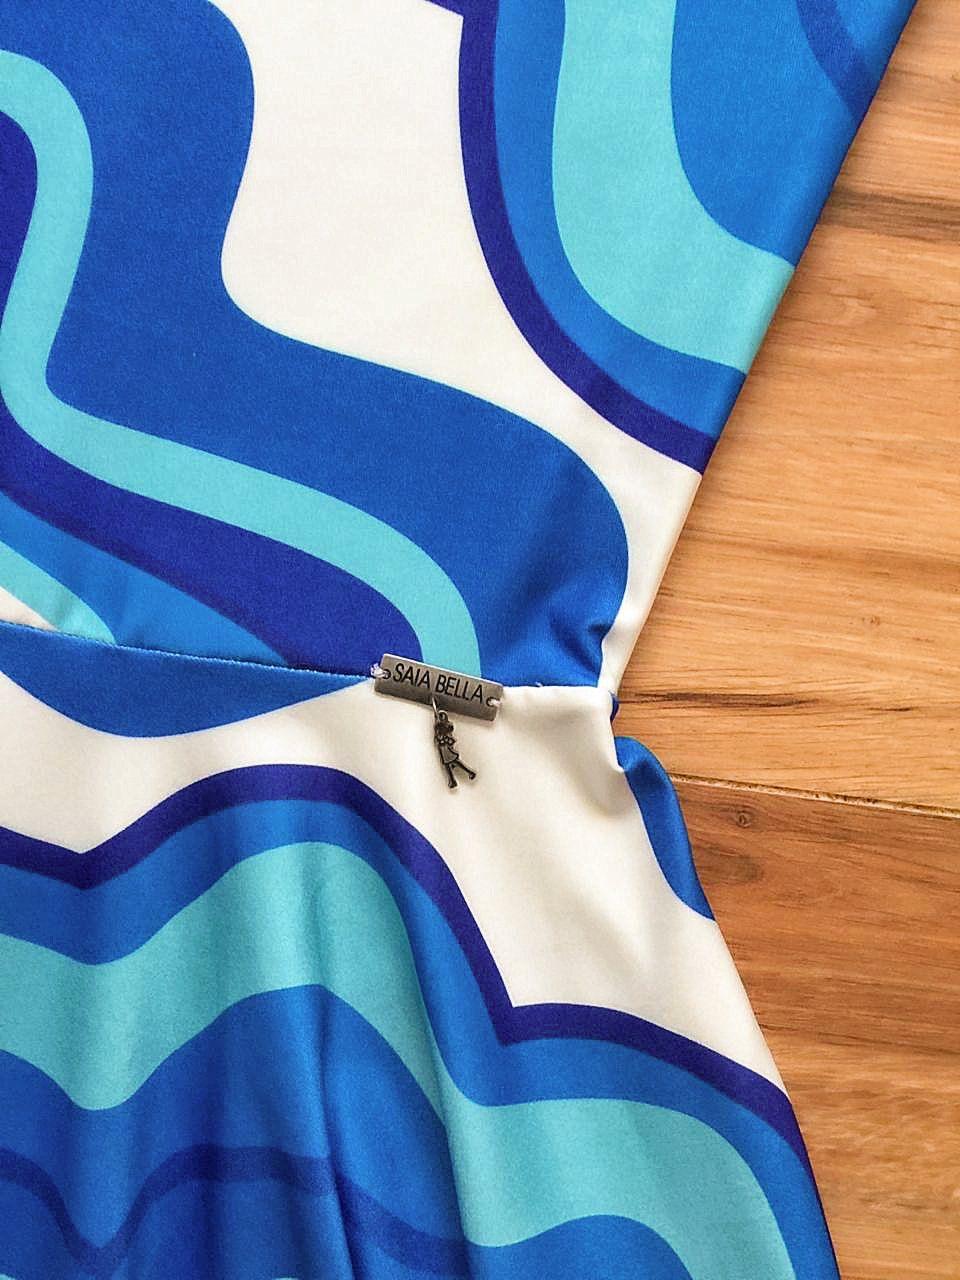 Vestido Midi Luana Saia Bella cod SB814